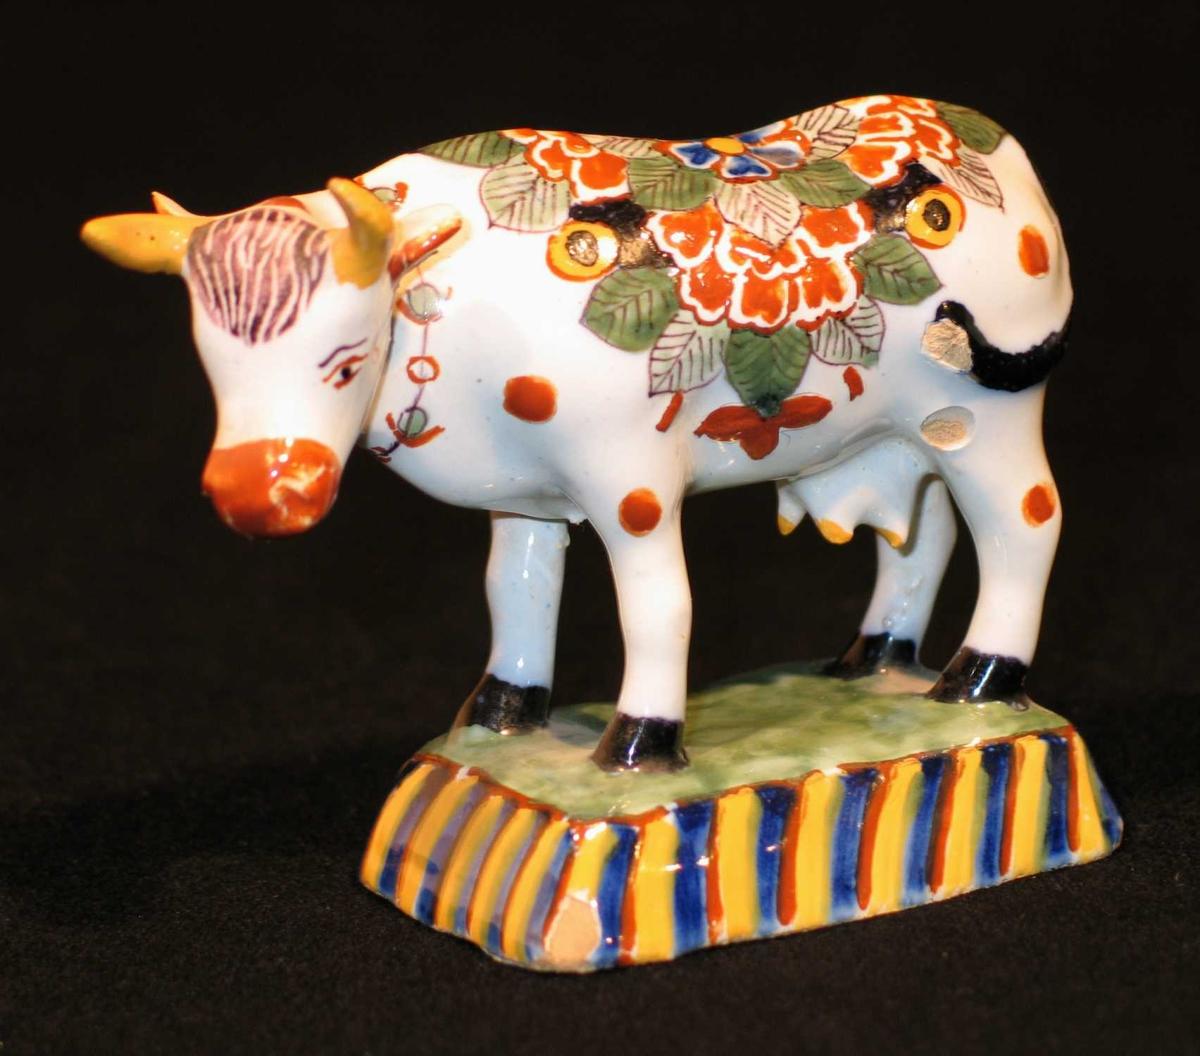 Ku laget i fajanse med flerfarget fantasimønster. Står på et lite blått og gulstripet fotstykke.